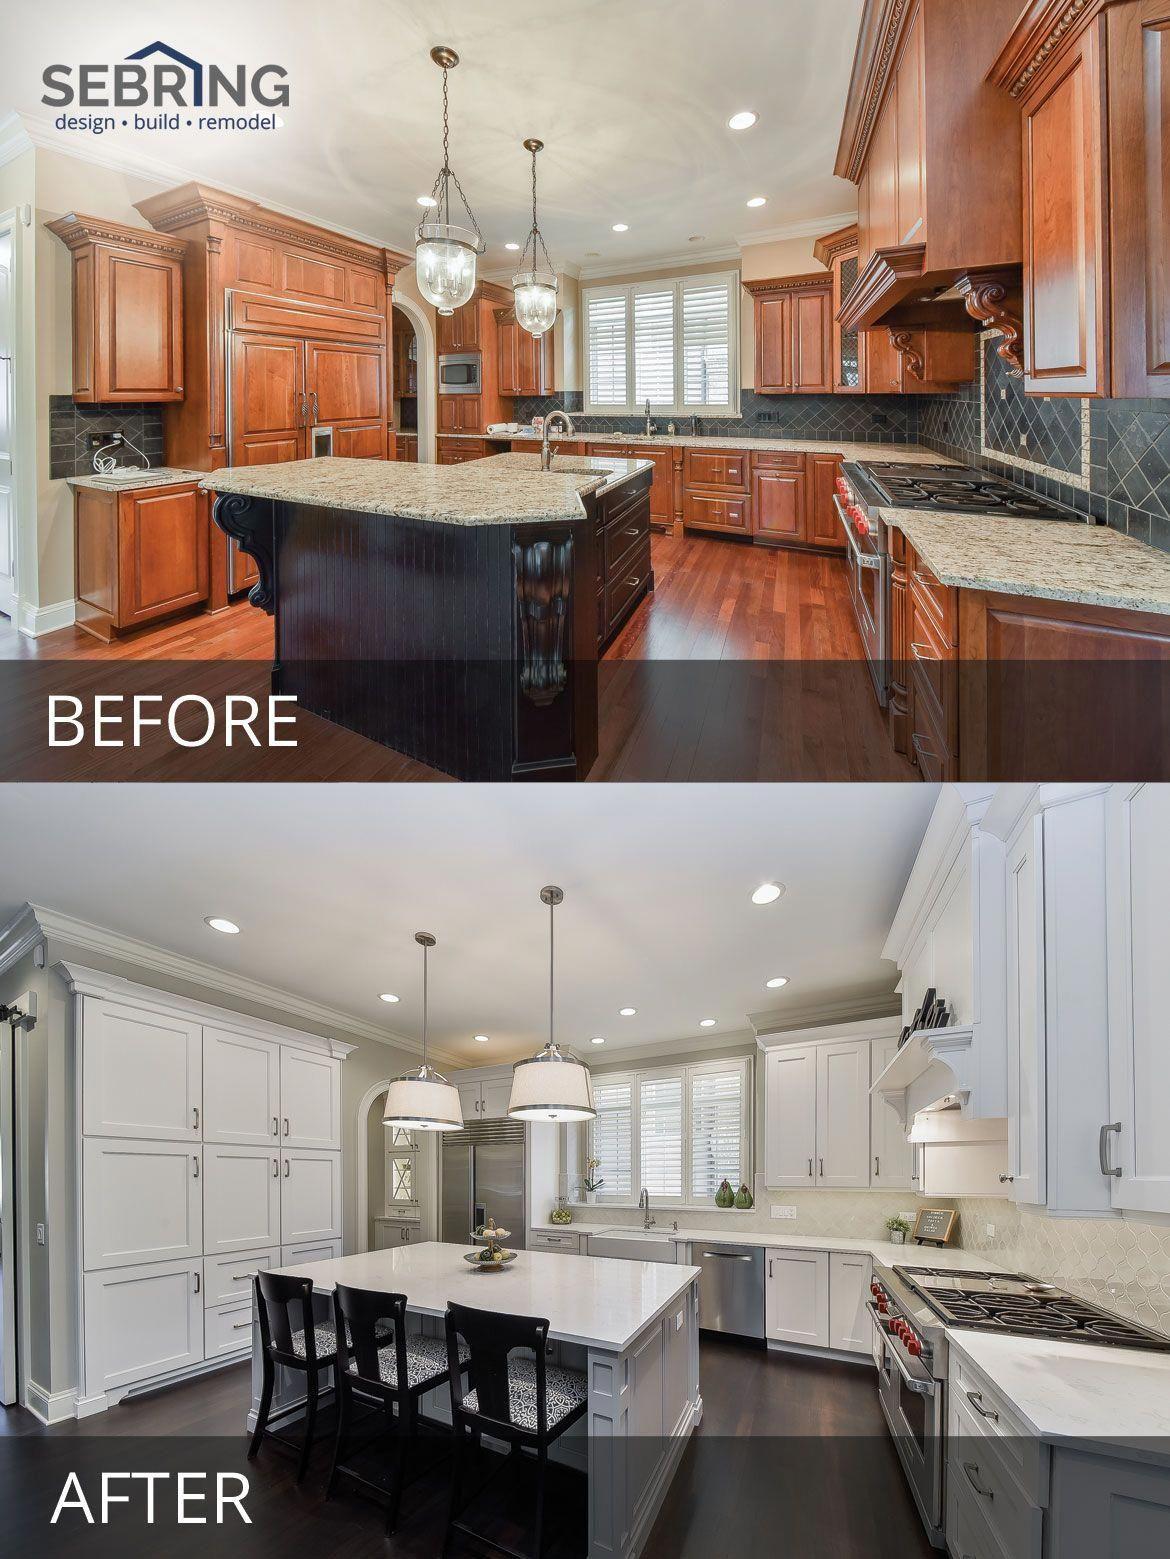 Naperville Whole House Remodel   Sebring Design Build ...